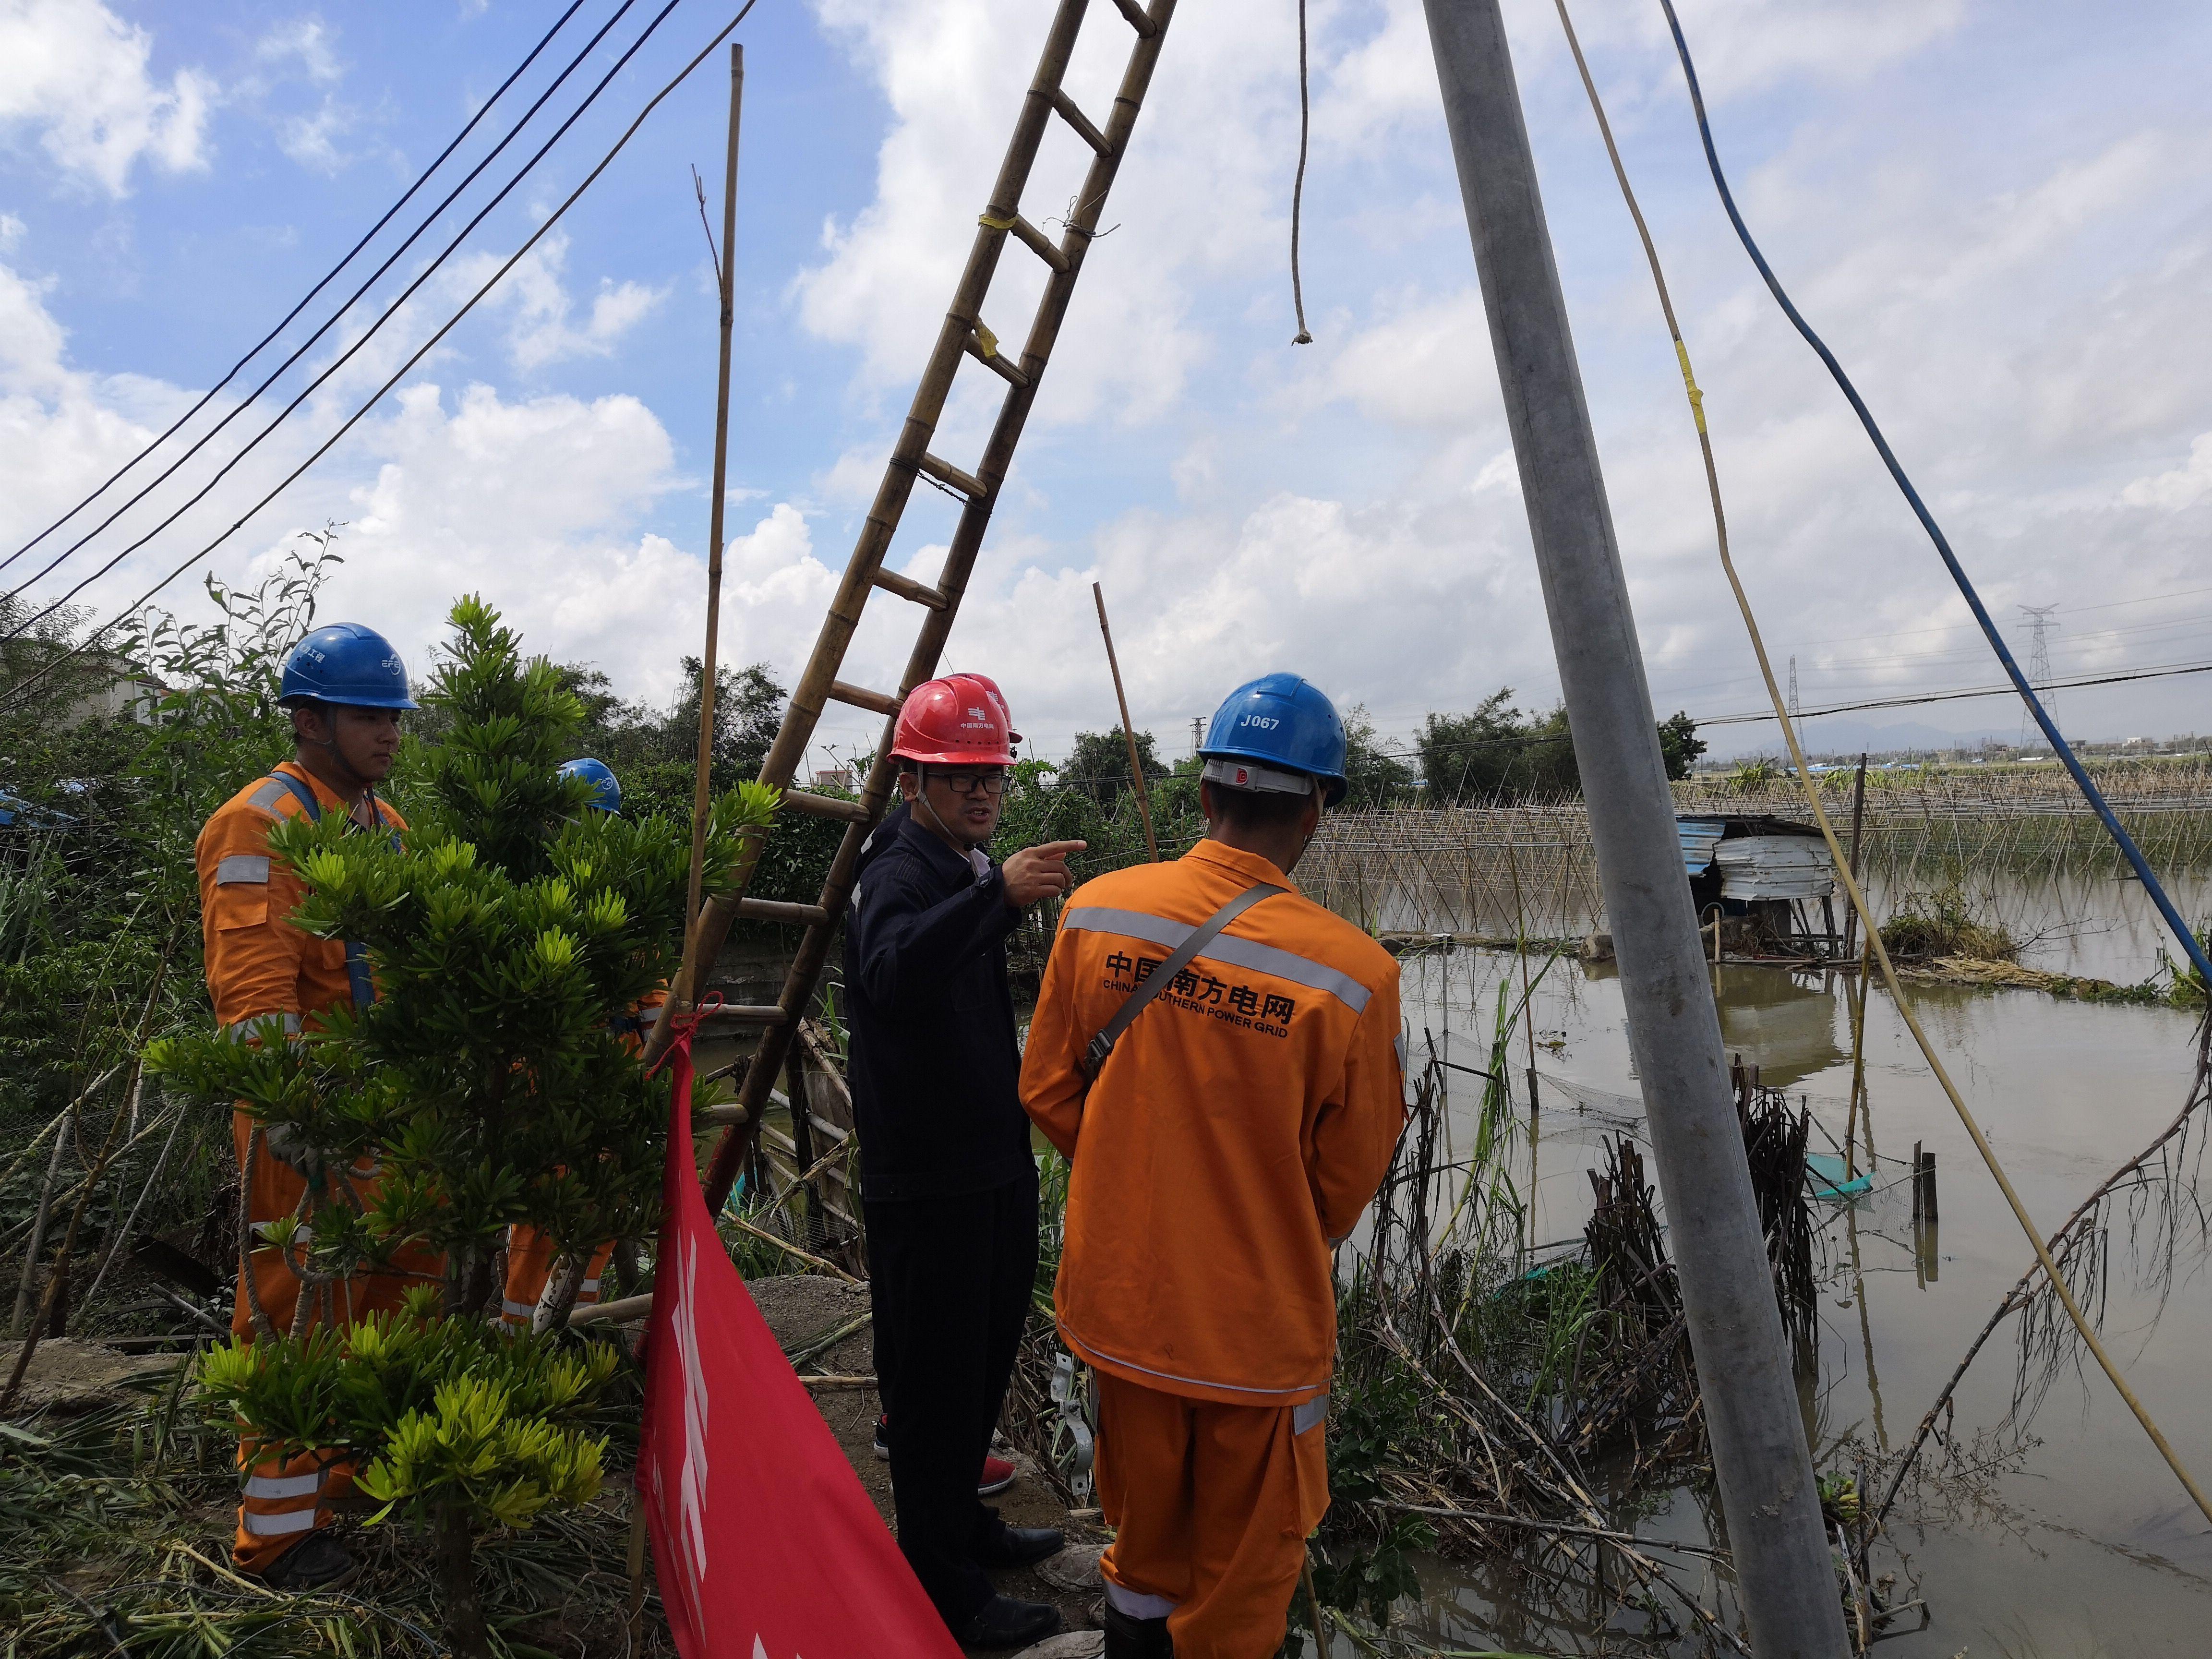 【五桂山】坦洲新合村低洼积水严重 消防供电调配力量全力排涝